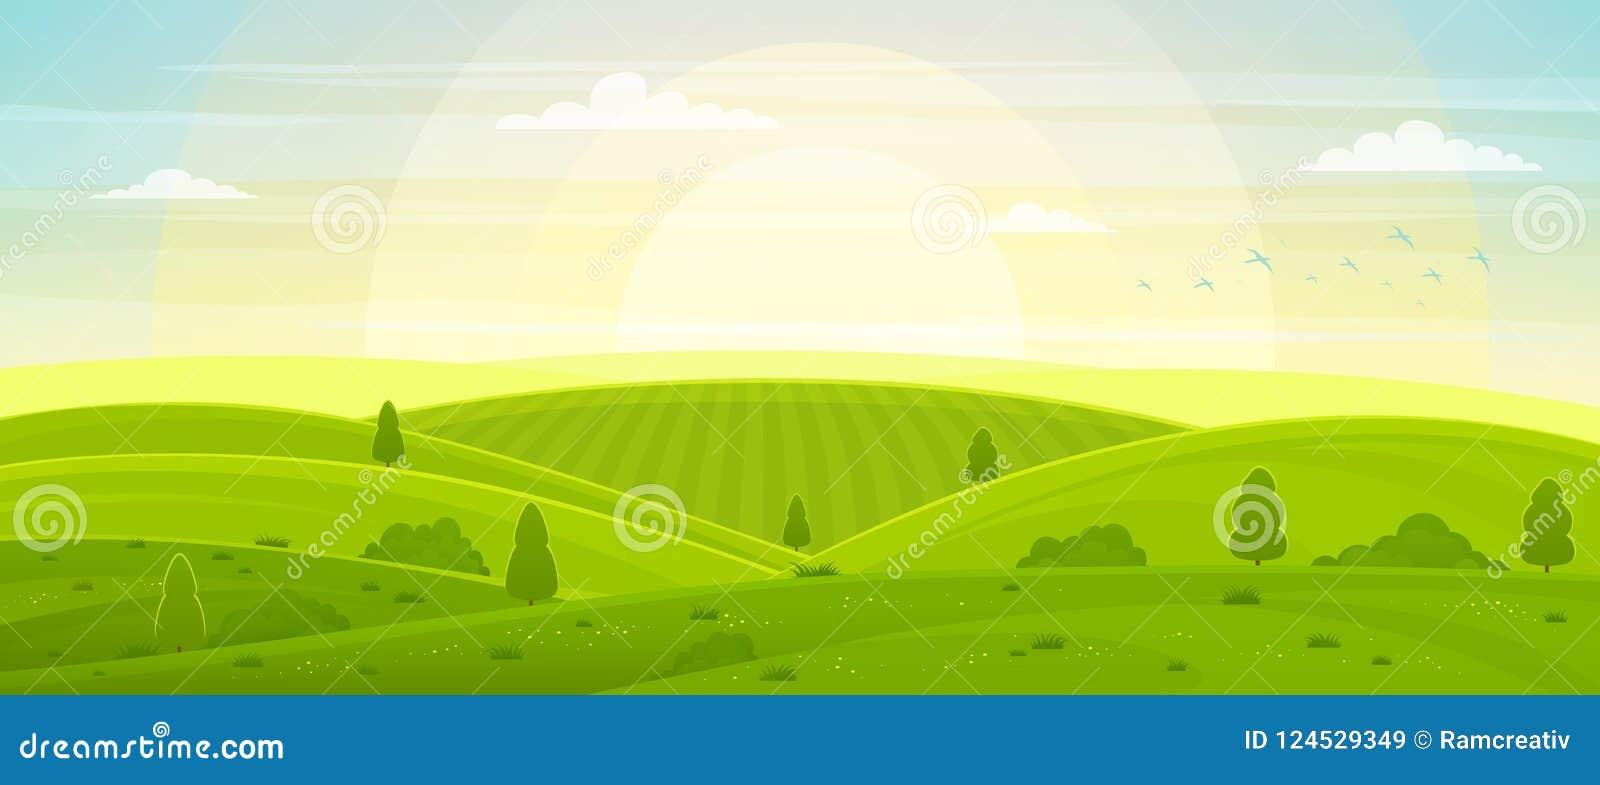 Pogodny wiejski krajobraz z wzgórzami i polami przy świtem